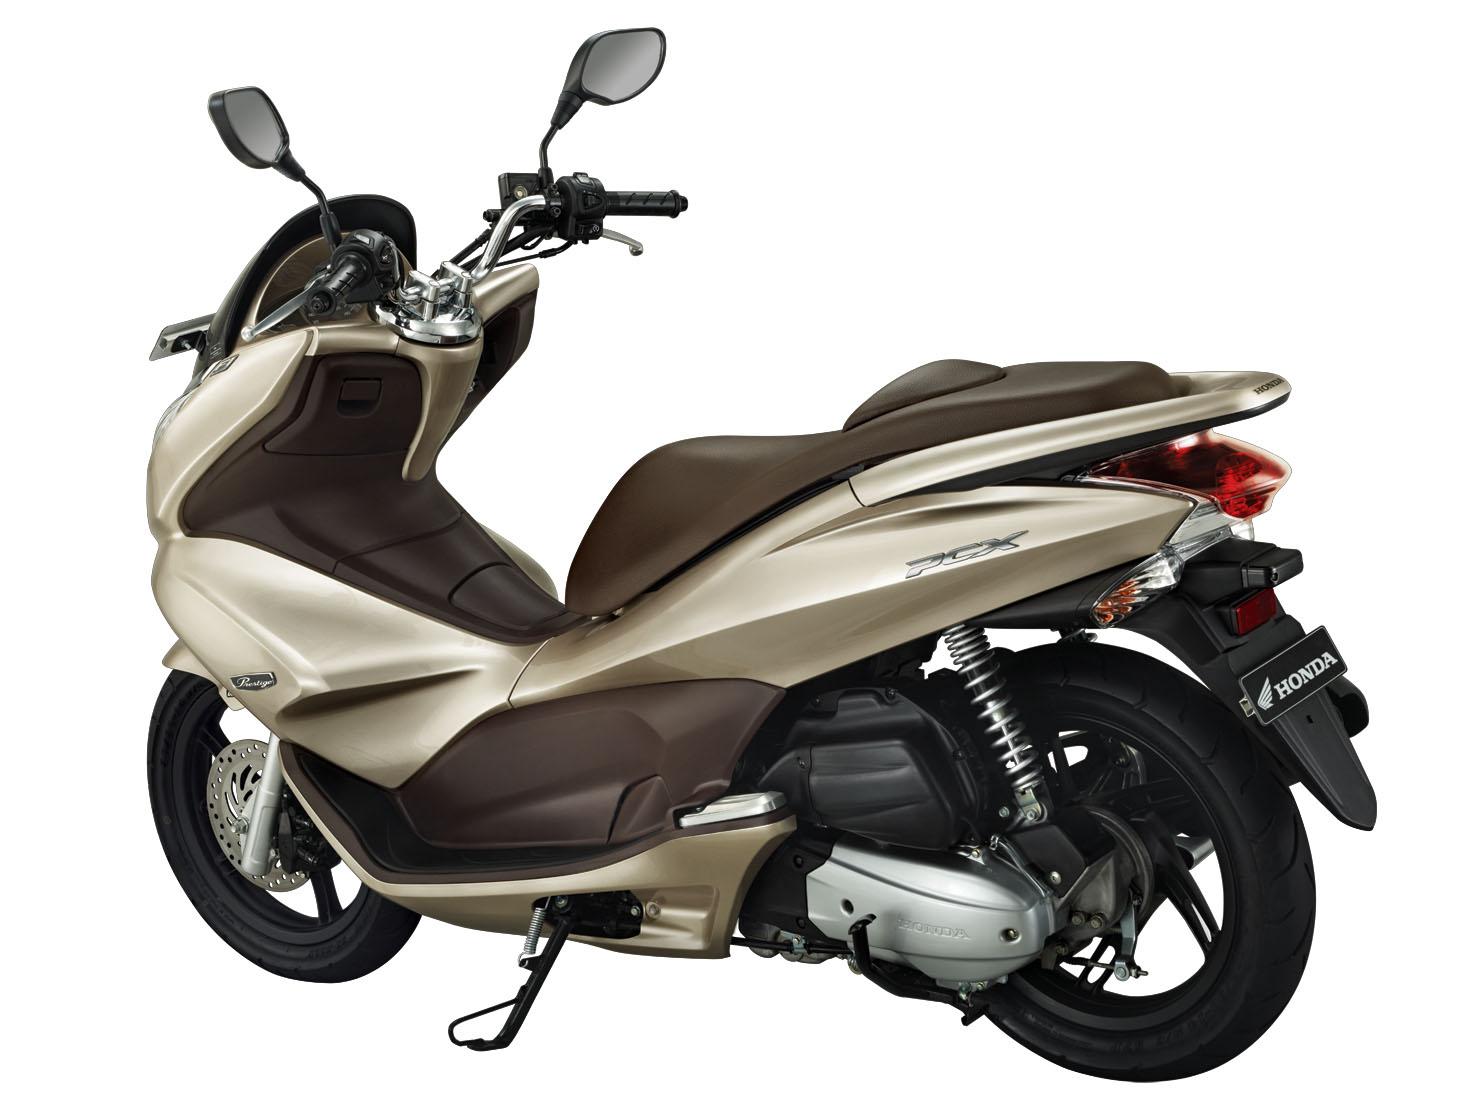 Harga Motor Yamaha R25 dan R15 2014 Indonesia Terbaru